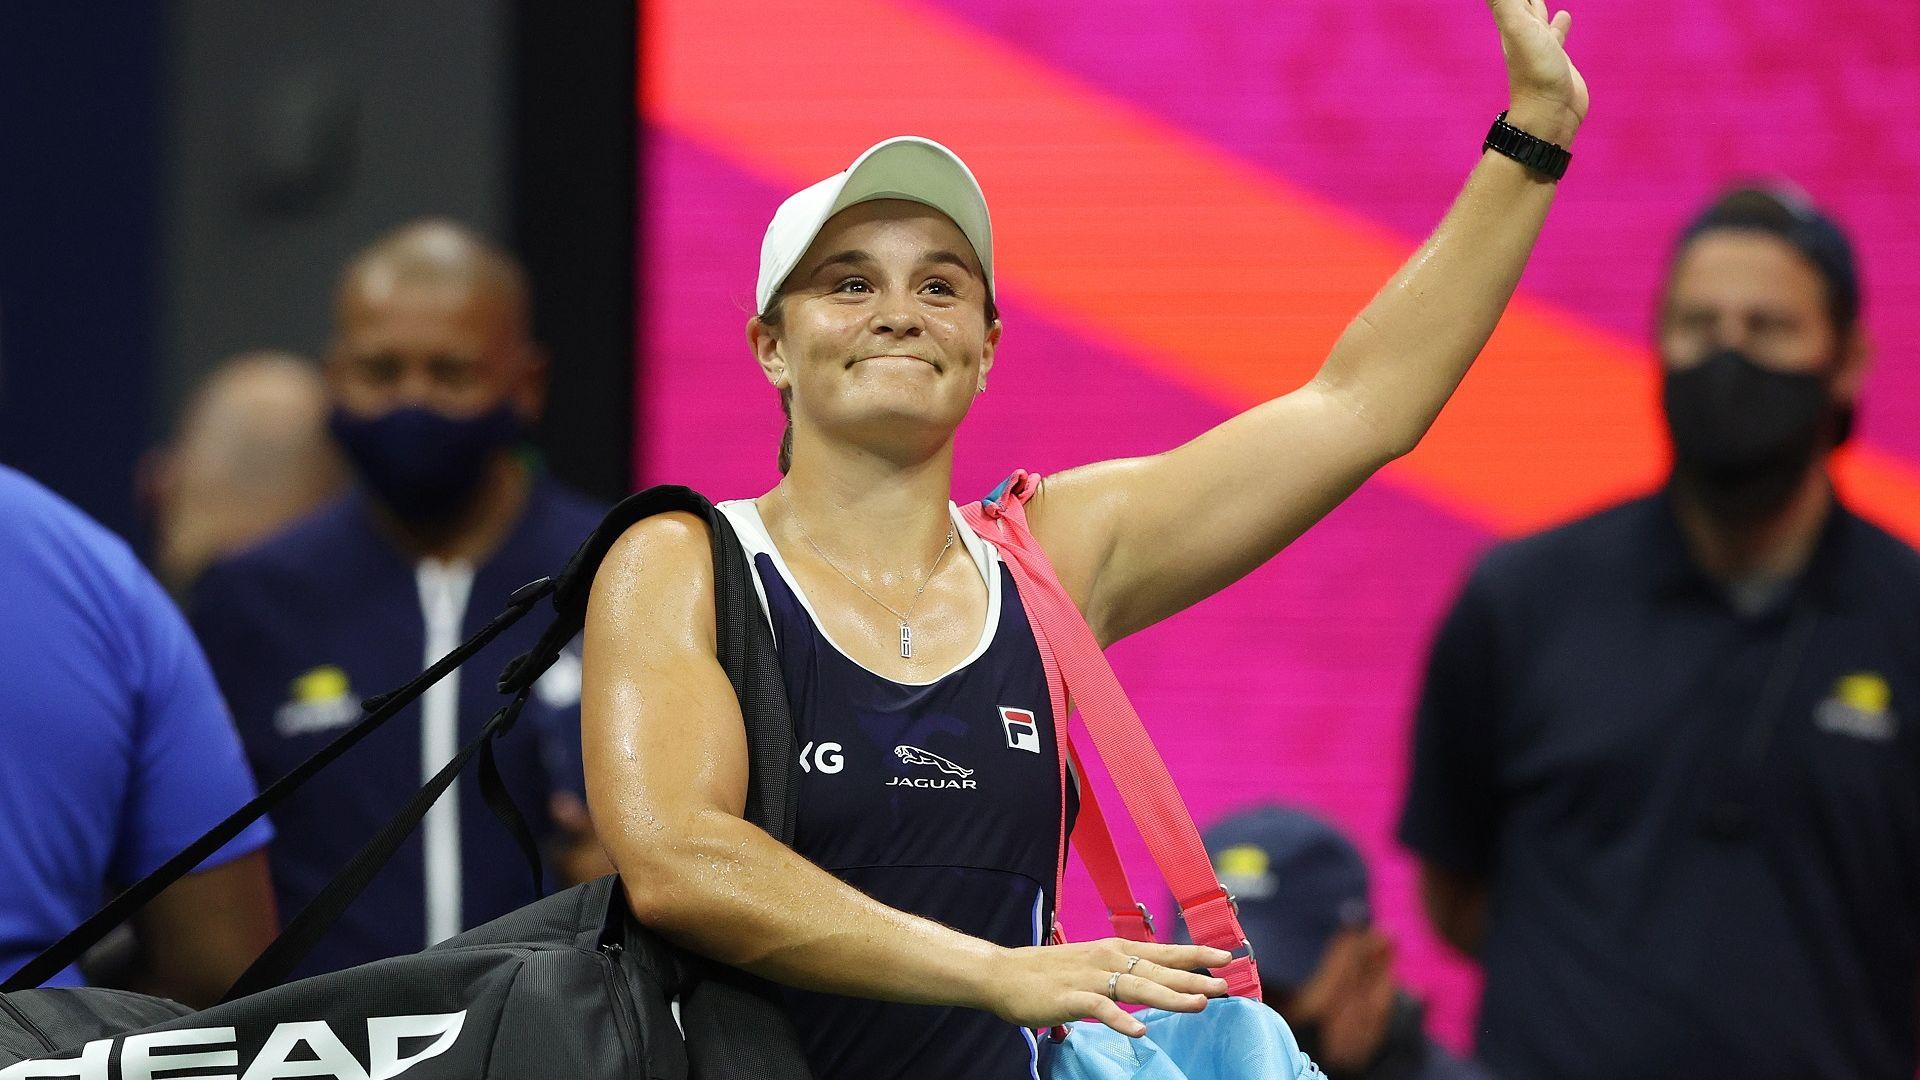 Световната №1 Барти се сгромоляса и отпадна от US Open (резултати)